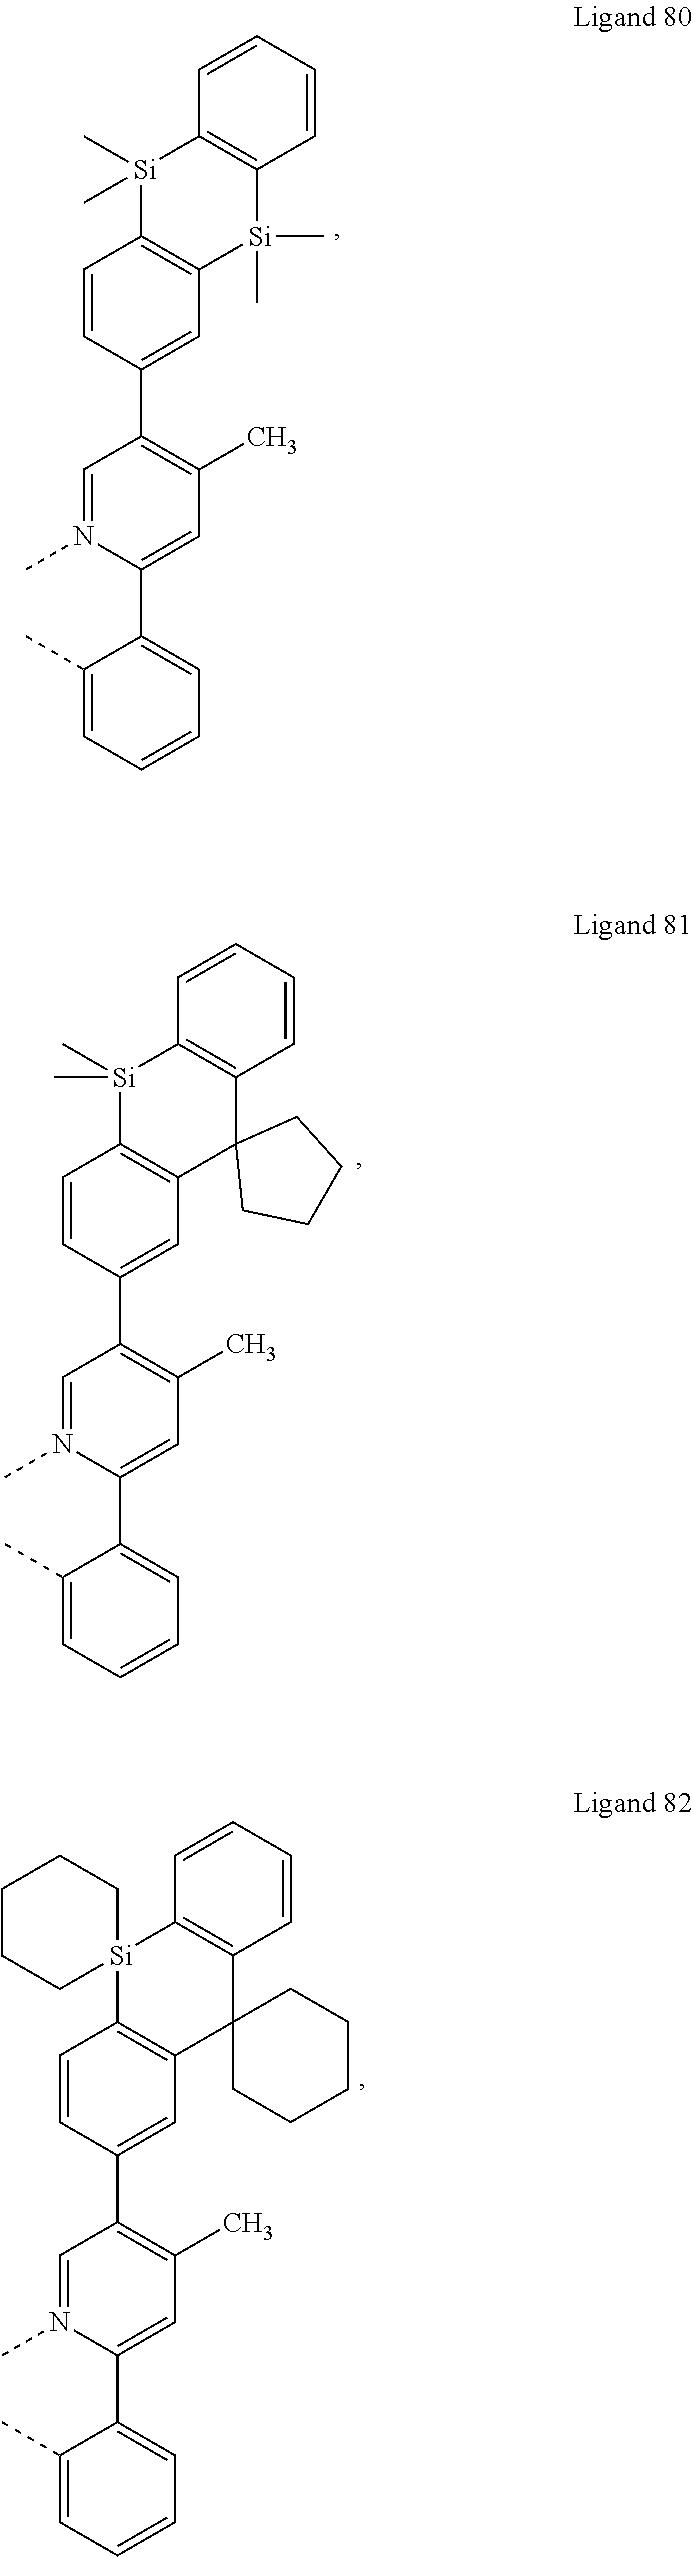 Figure US20180130962A1-20180510-C00050